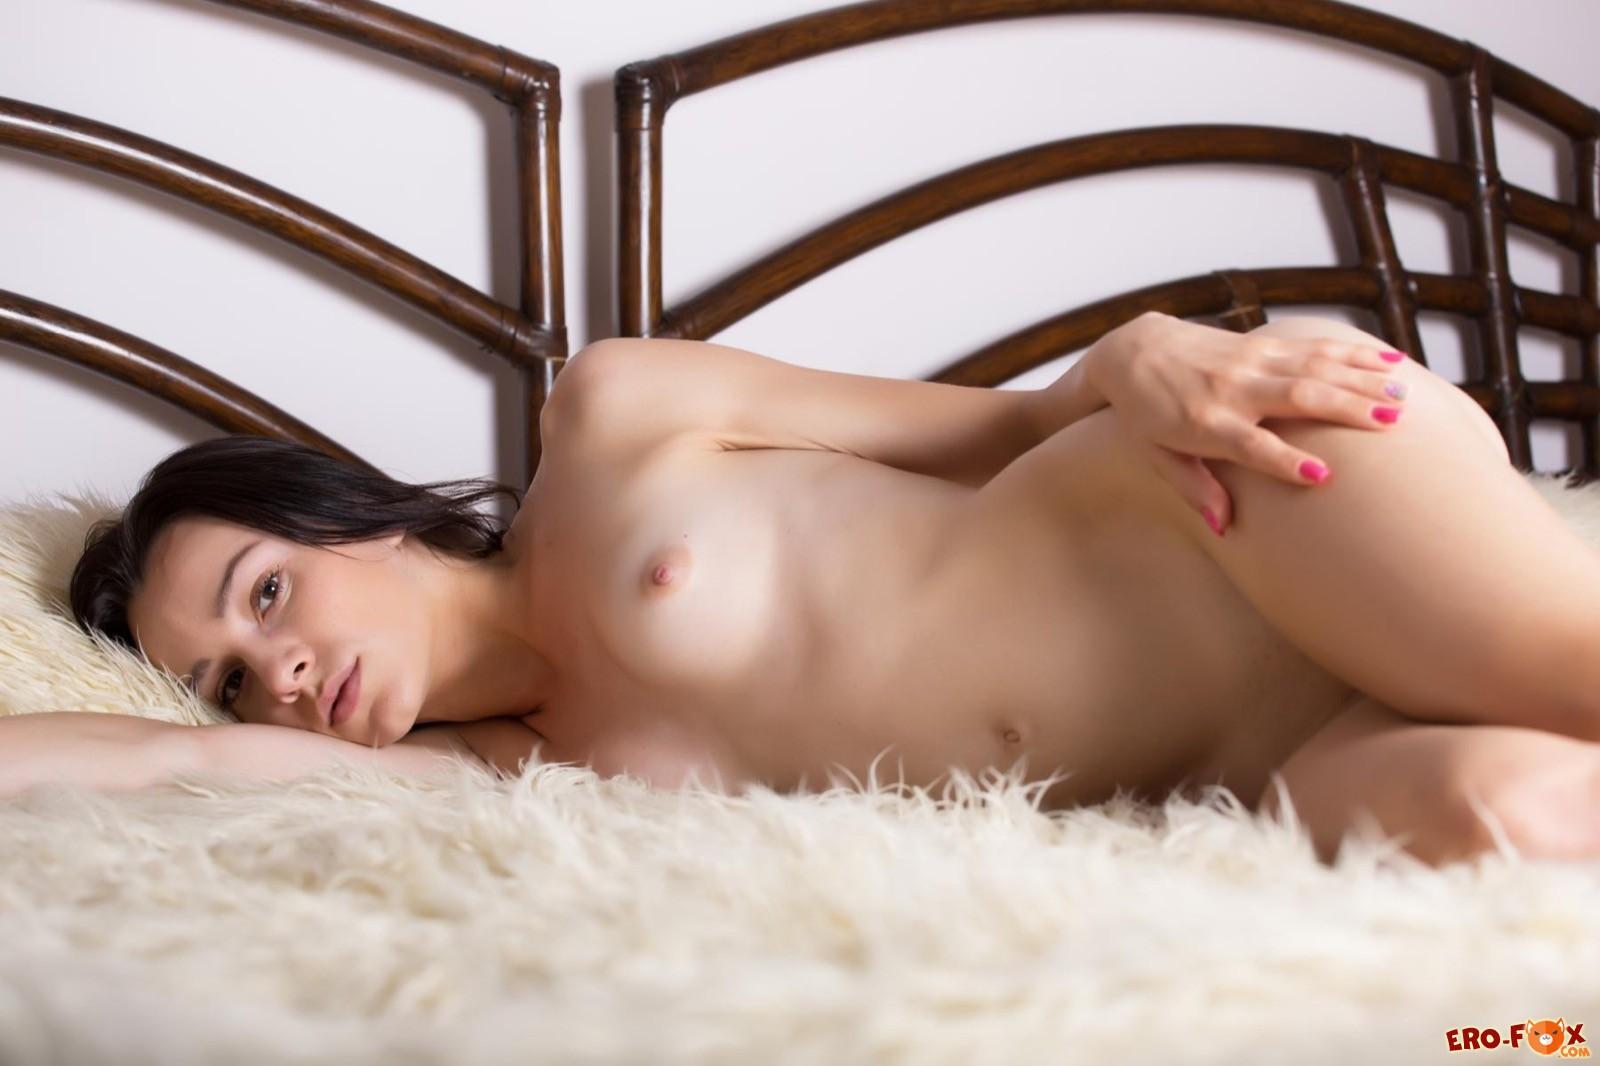 Модель с маленькими сиськами выгибается в постели